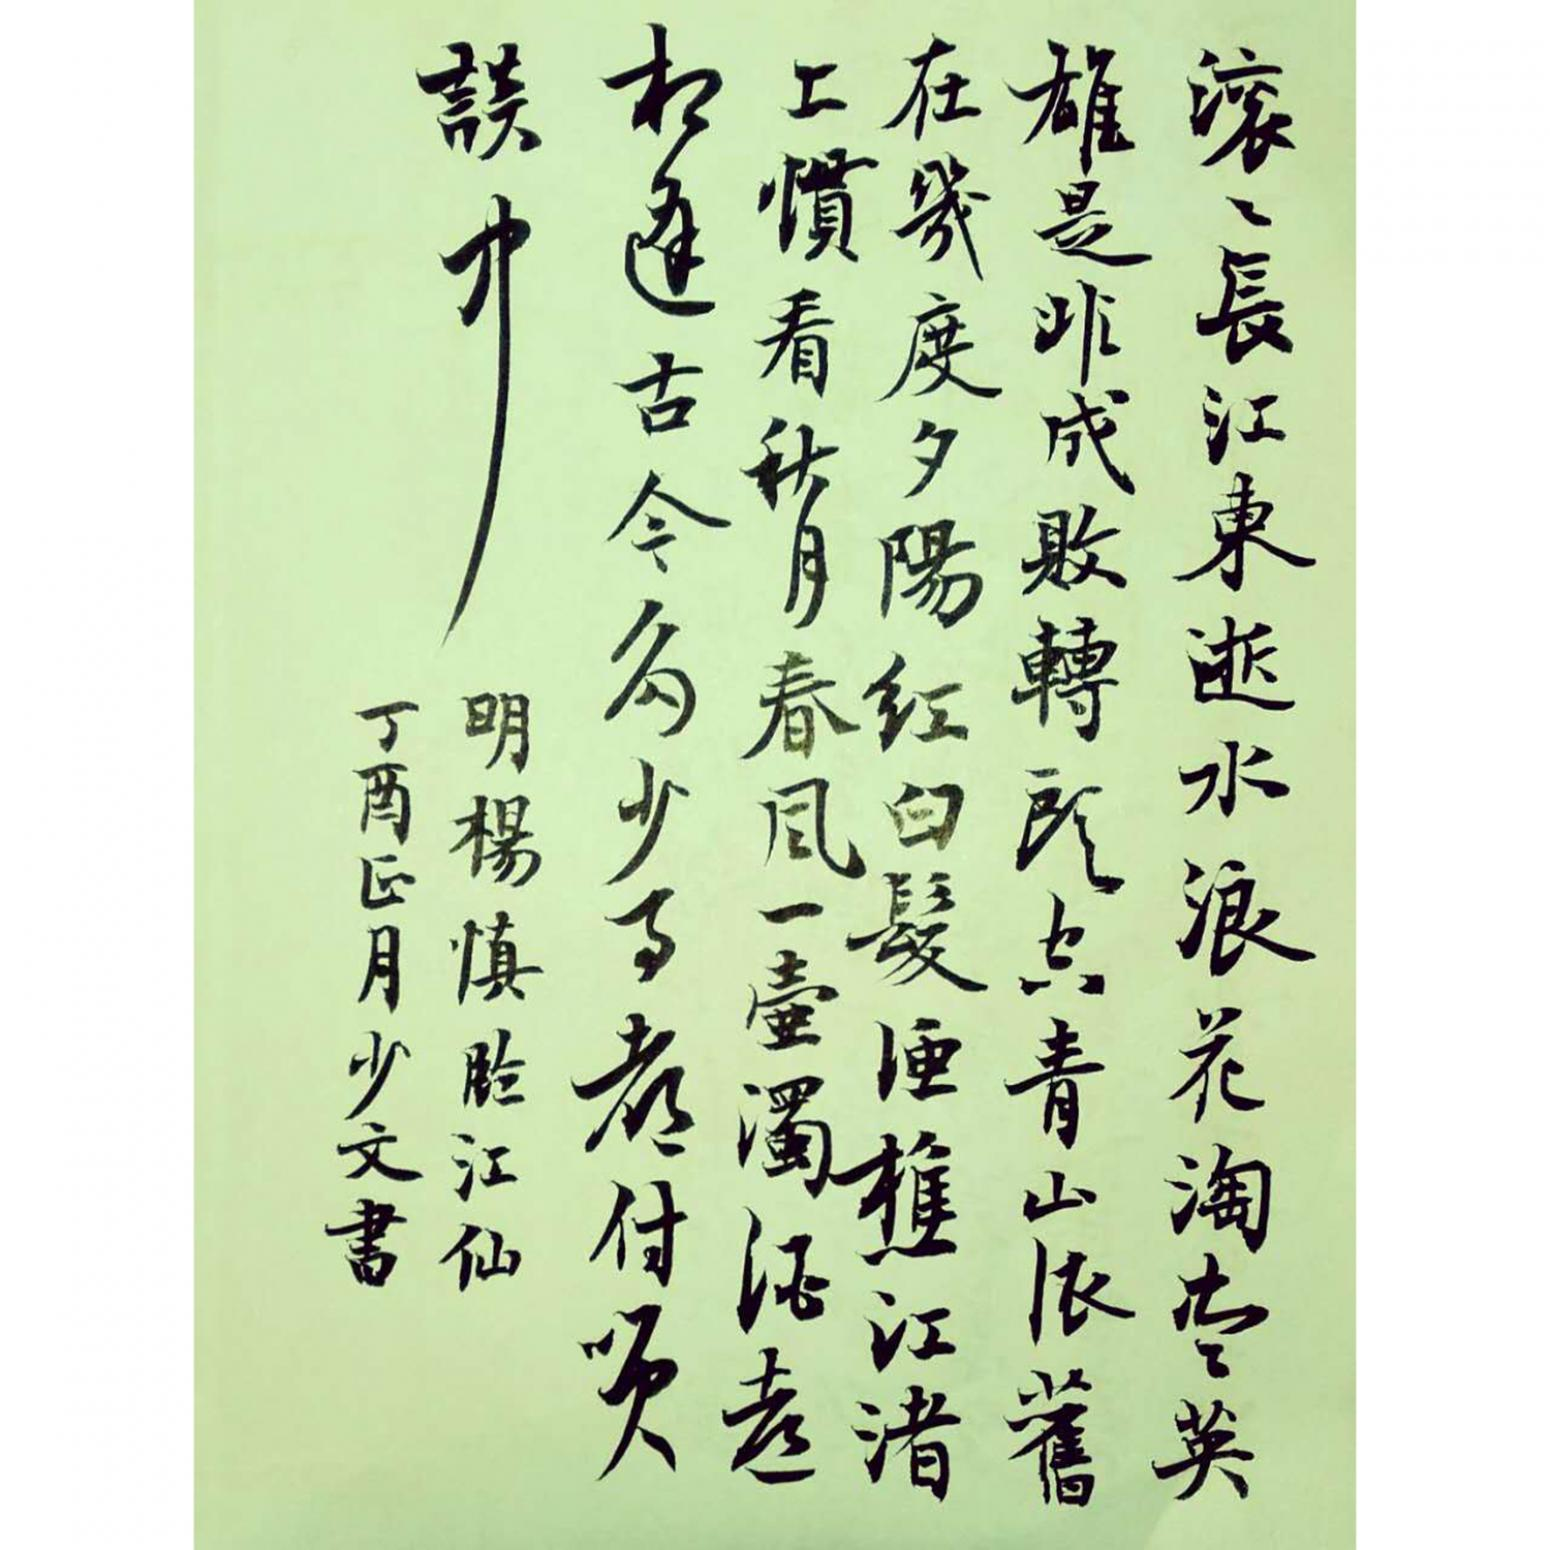 江少文书法作品《【临江仙】作者江少文》